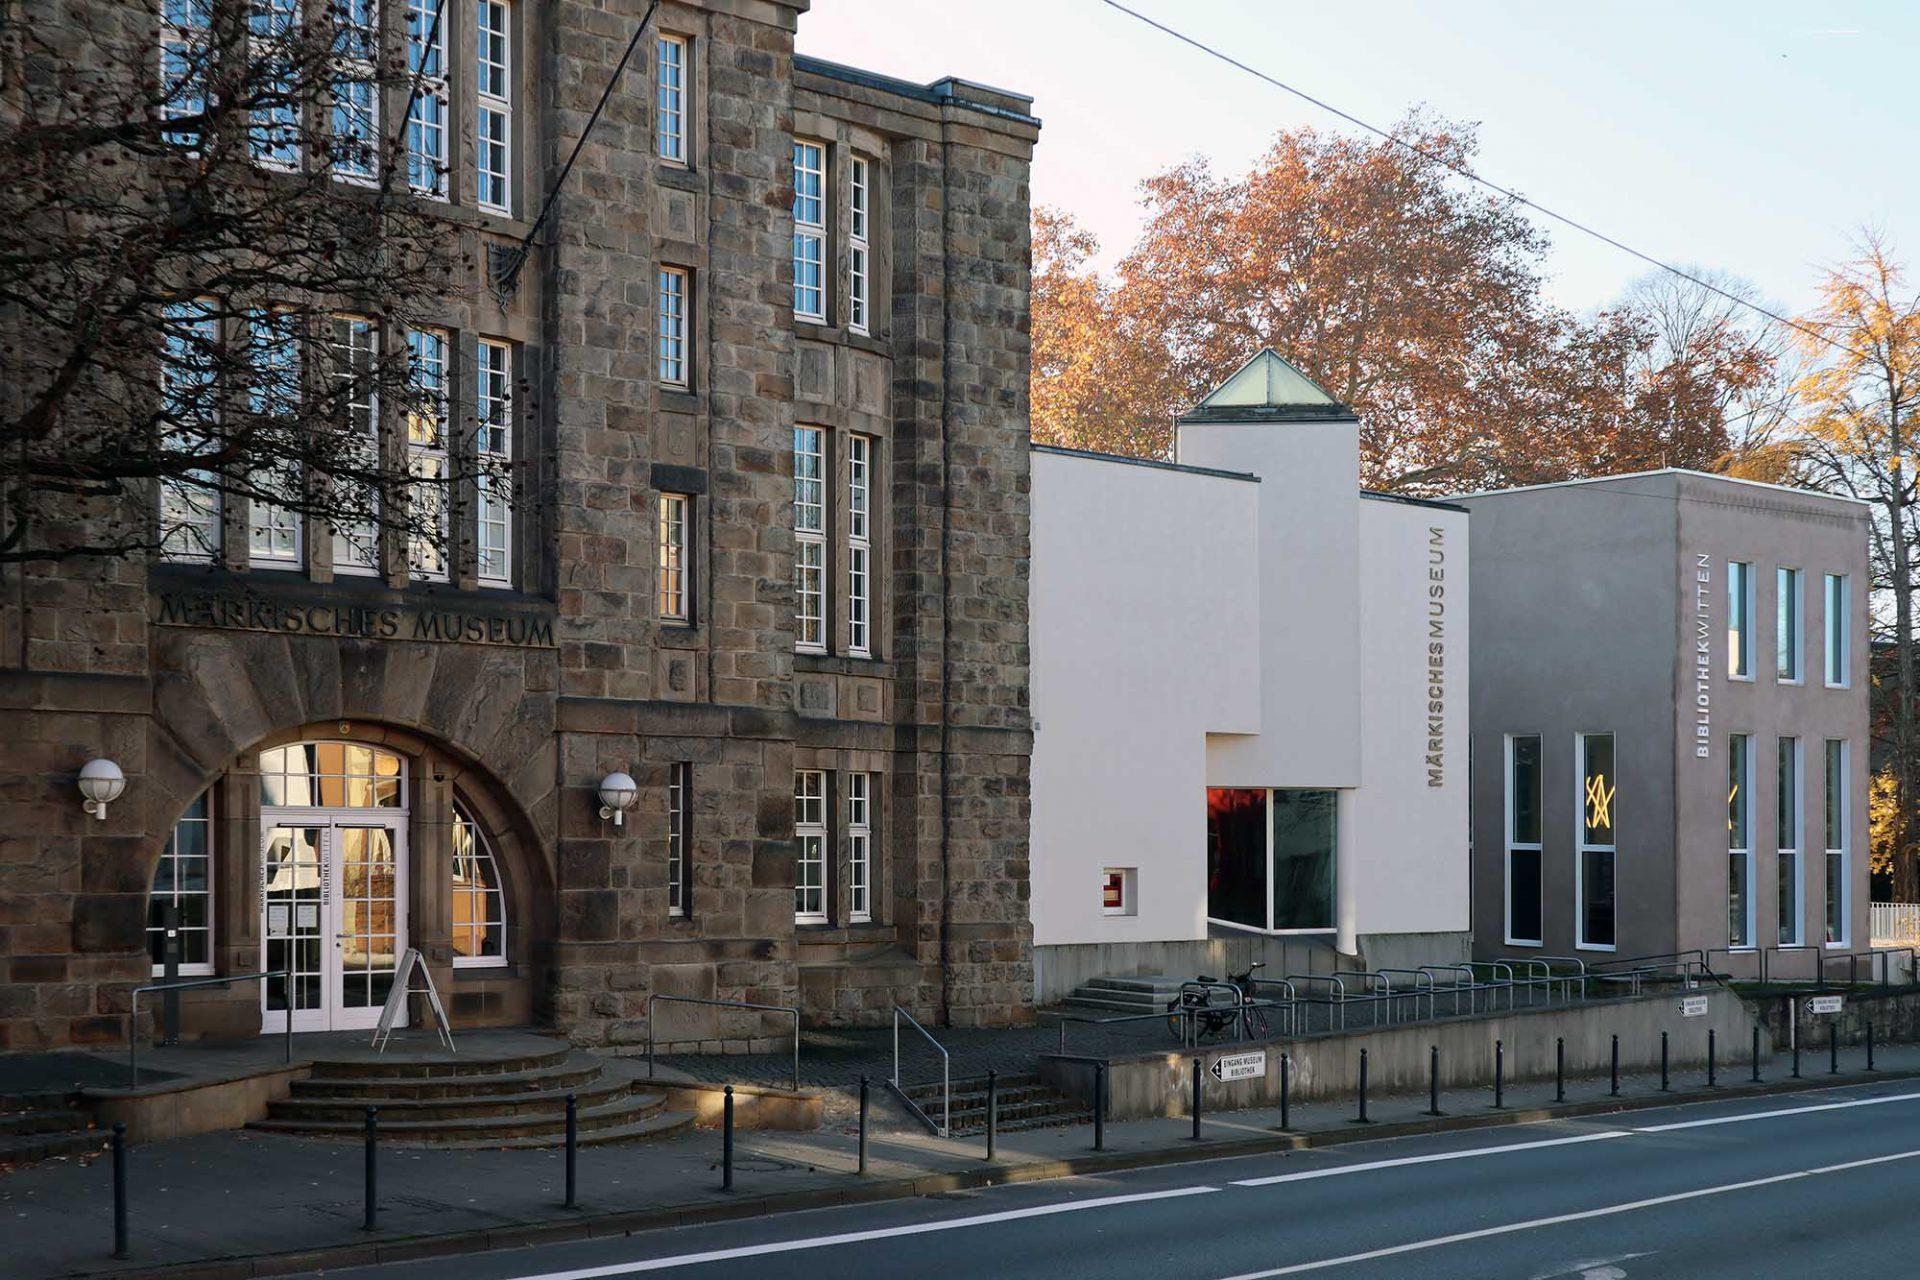 Märkisches Museum. Dreiteilig: die Sandsteinfassade der Betonkonstruktion des Märkischen Museums Witten von Carl Franzen (li.), der Anbau von 1988 und die neue Bibliothek von Oliver Silge vom Architekturbüro Leistungsphase aus Nordkirchen.